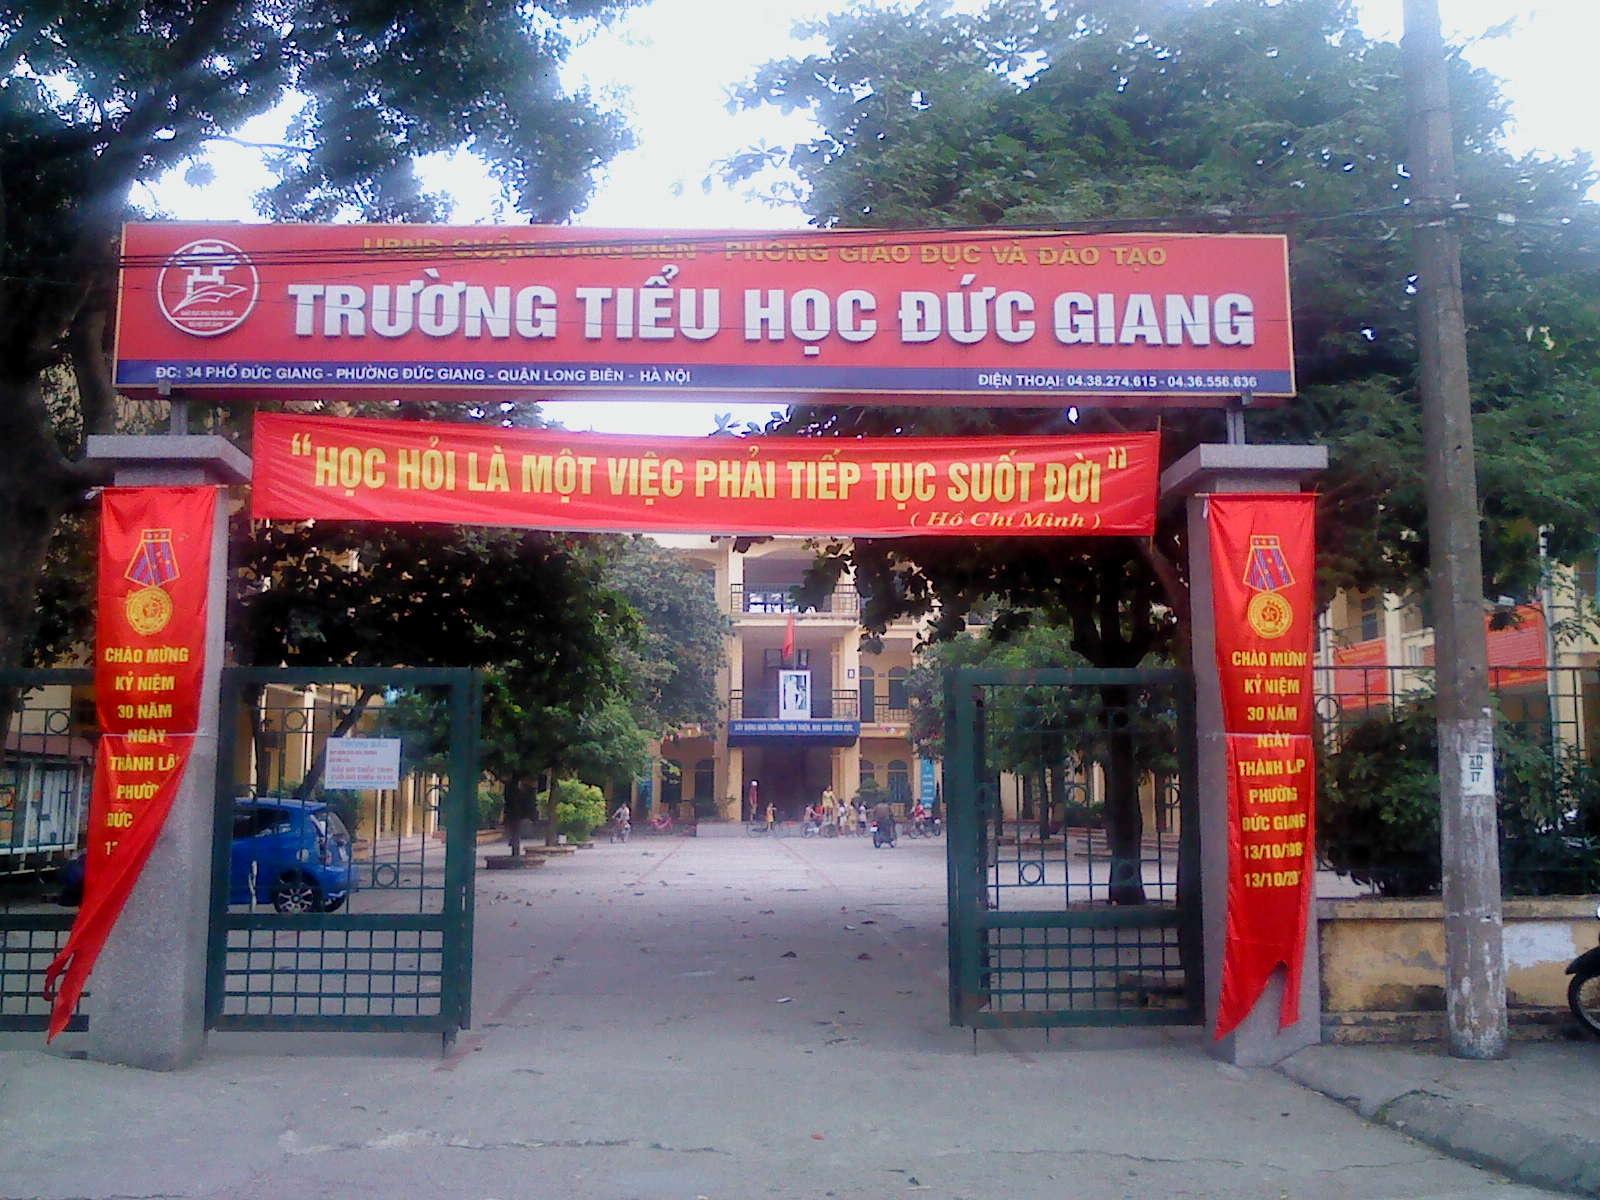 Tiểu học Đức Giang.